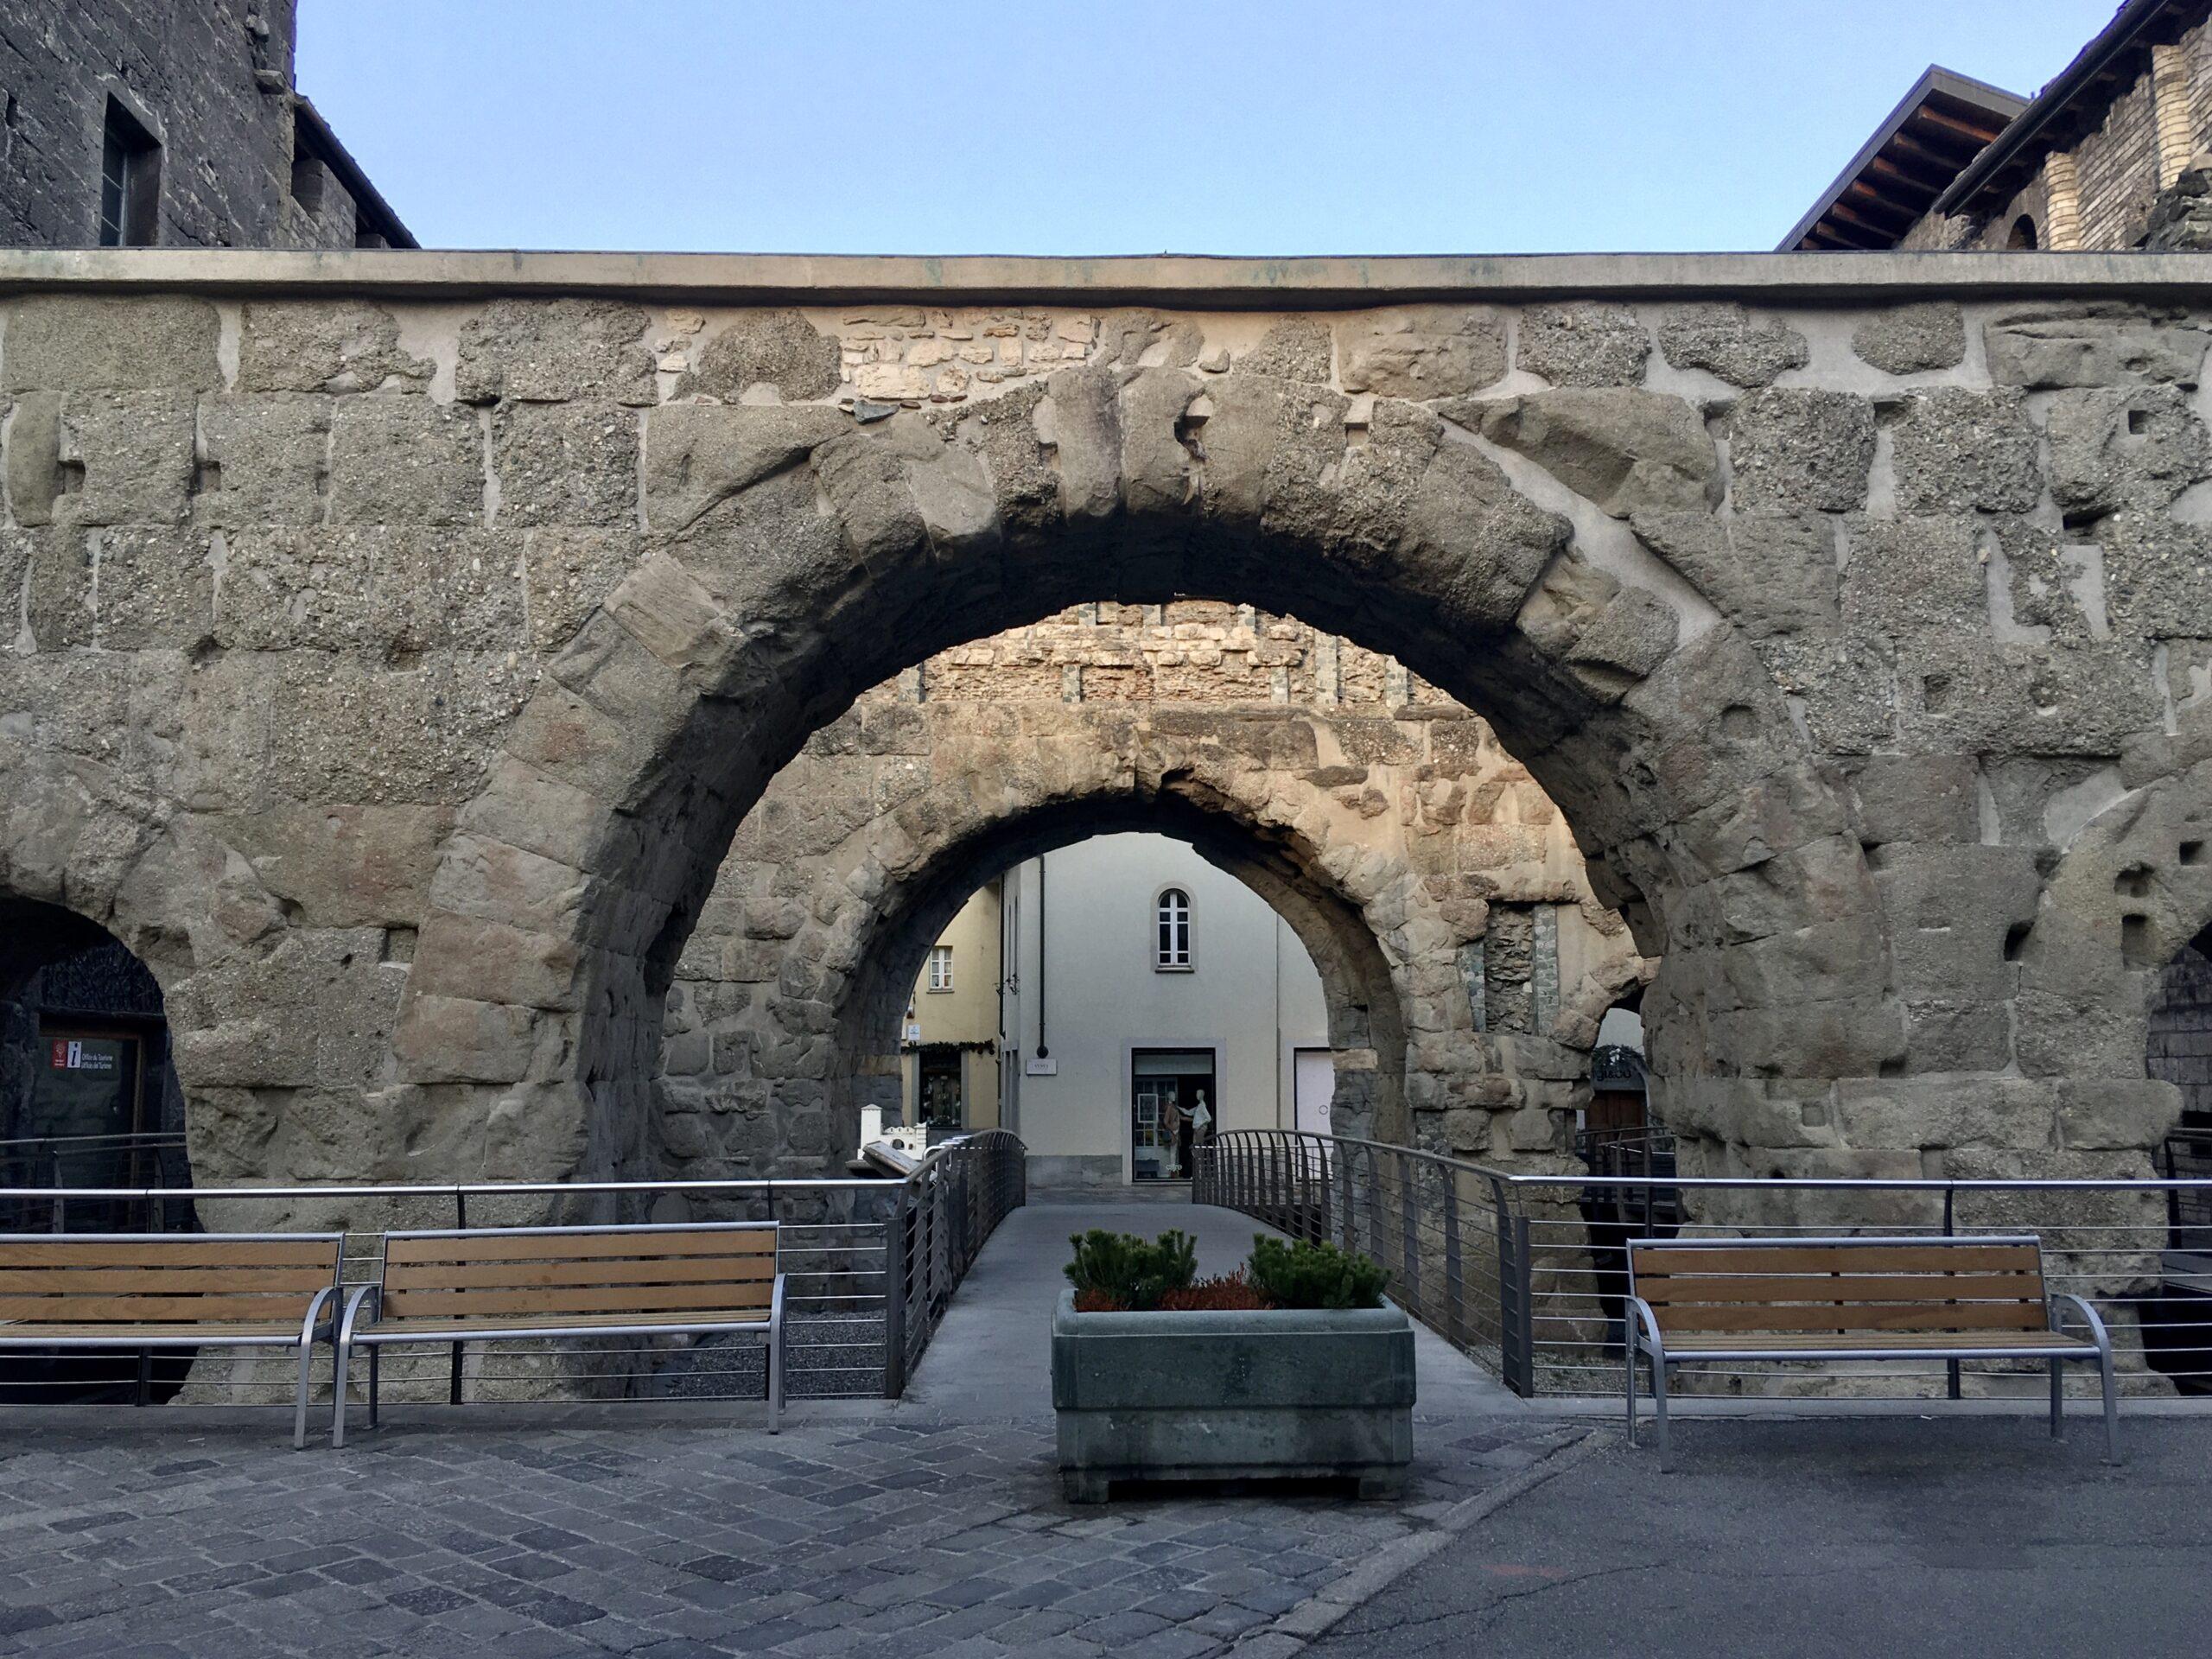 Studio Legale Morizio - Aosta